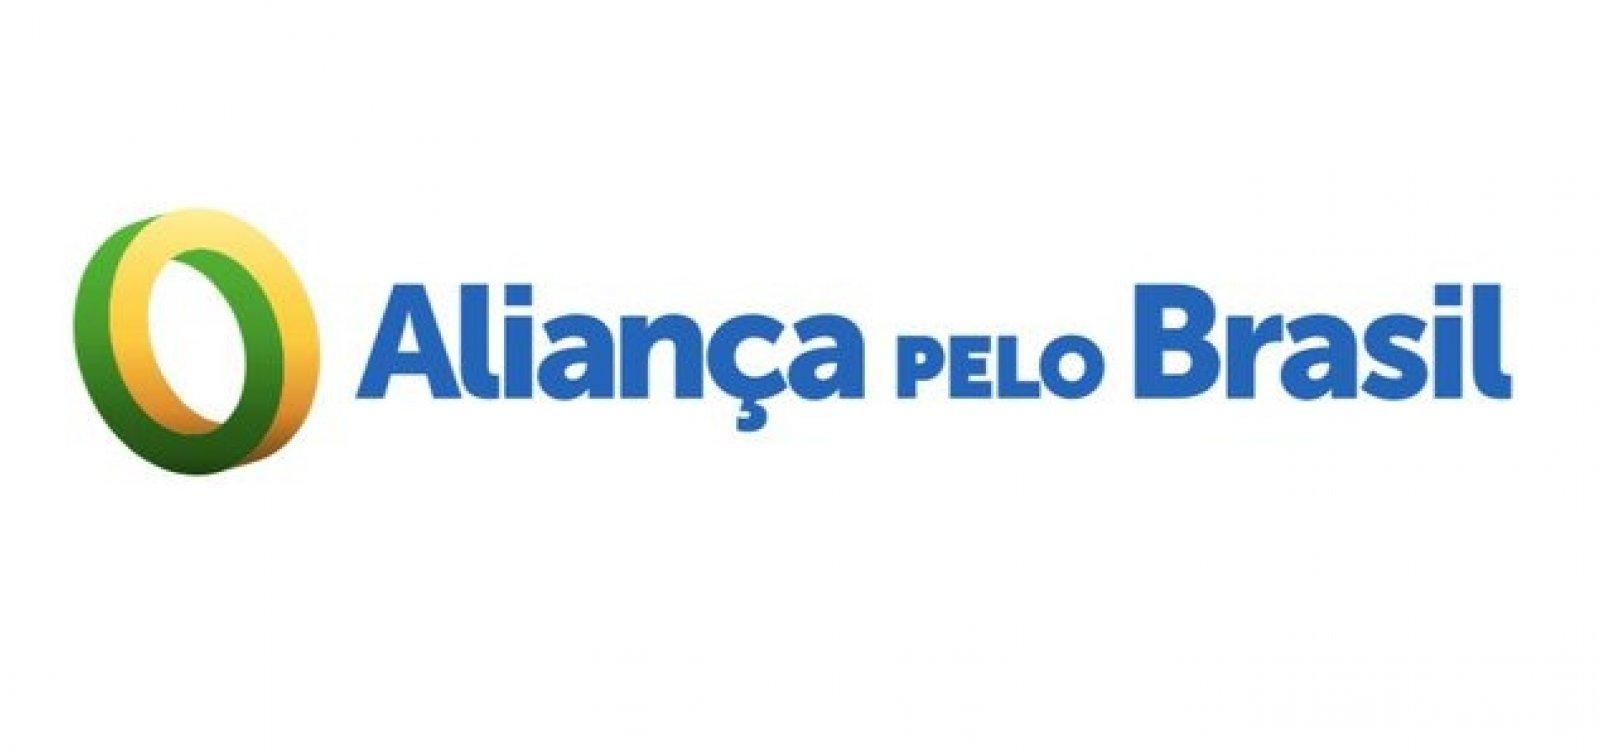 Novo partido de Bolsonaro se chamará Aliança pelo Brasil